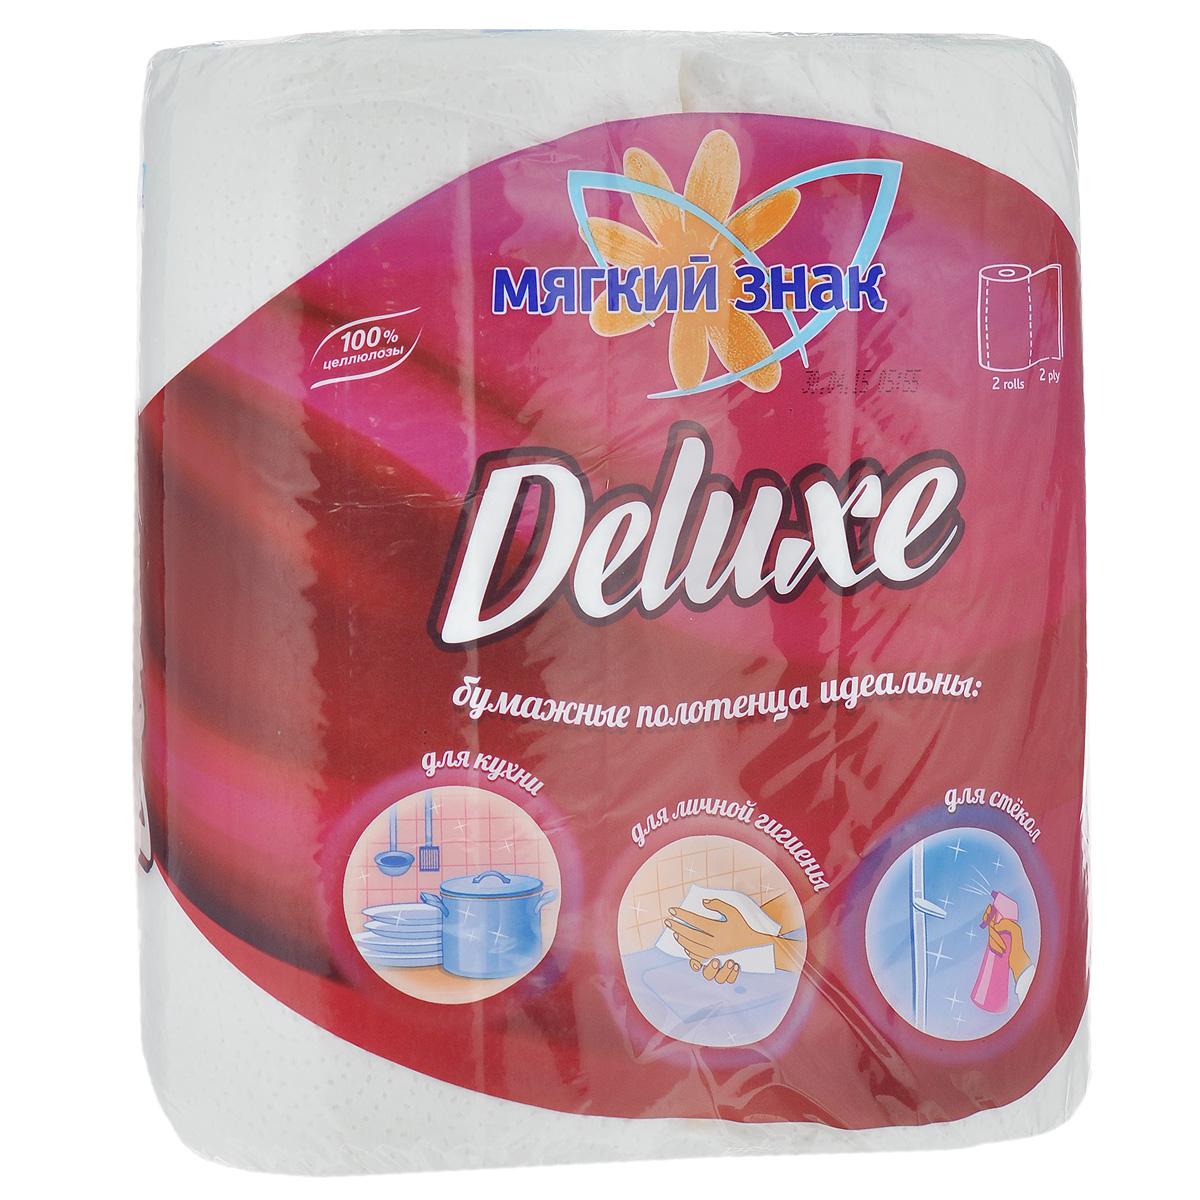 Полотенца бумажные Мягкий знак Deluxe, двухслойные, цвет: белый, 2 рулонаMB980Бумажные полотенца Мягкий знак Deluxe созданы из экологически чистого волокна - 100% целлюлозы. Двухслойные. Хорошо впитывают влагу и идеально подходят для ежедневного использования.Количество листов: 48 шт. Количество слоев: 2. Размер листа: 25 см х 23 см. Состав: 100% целлюлоза.